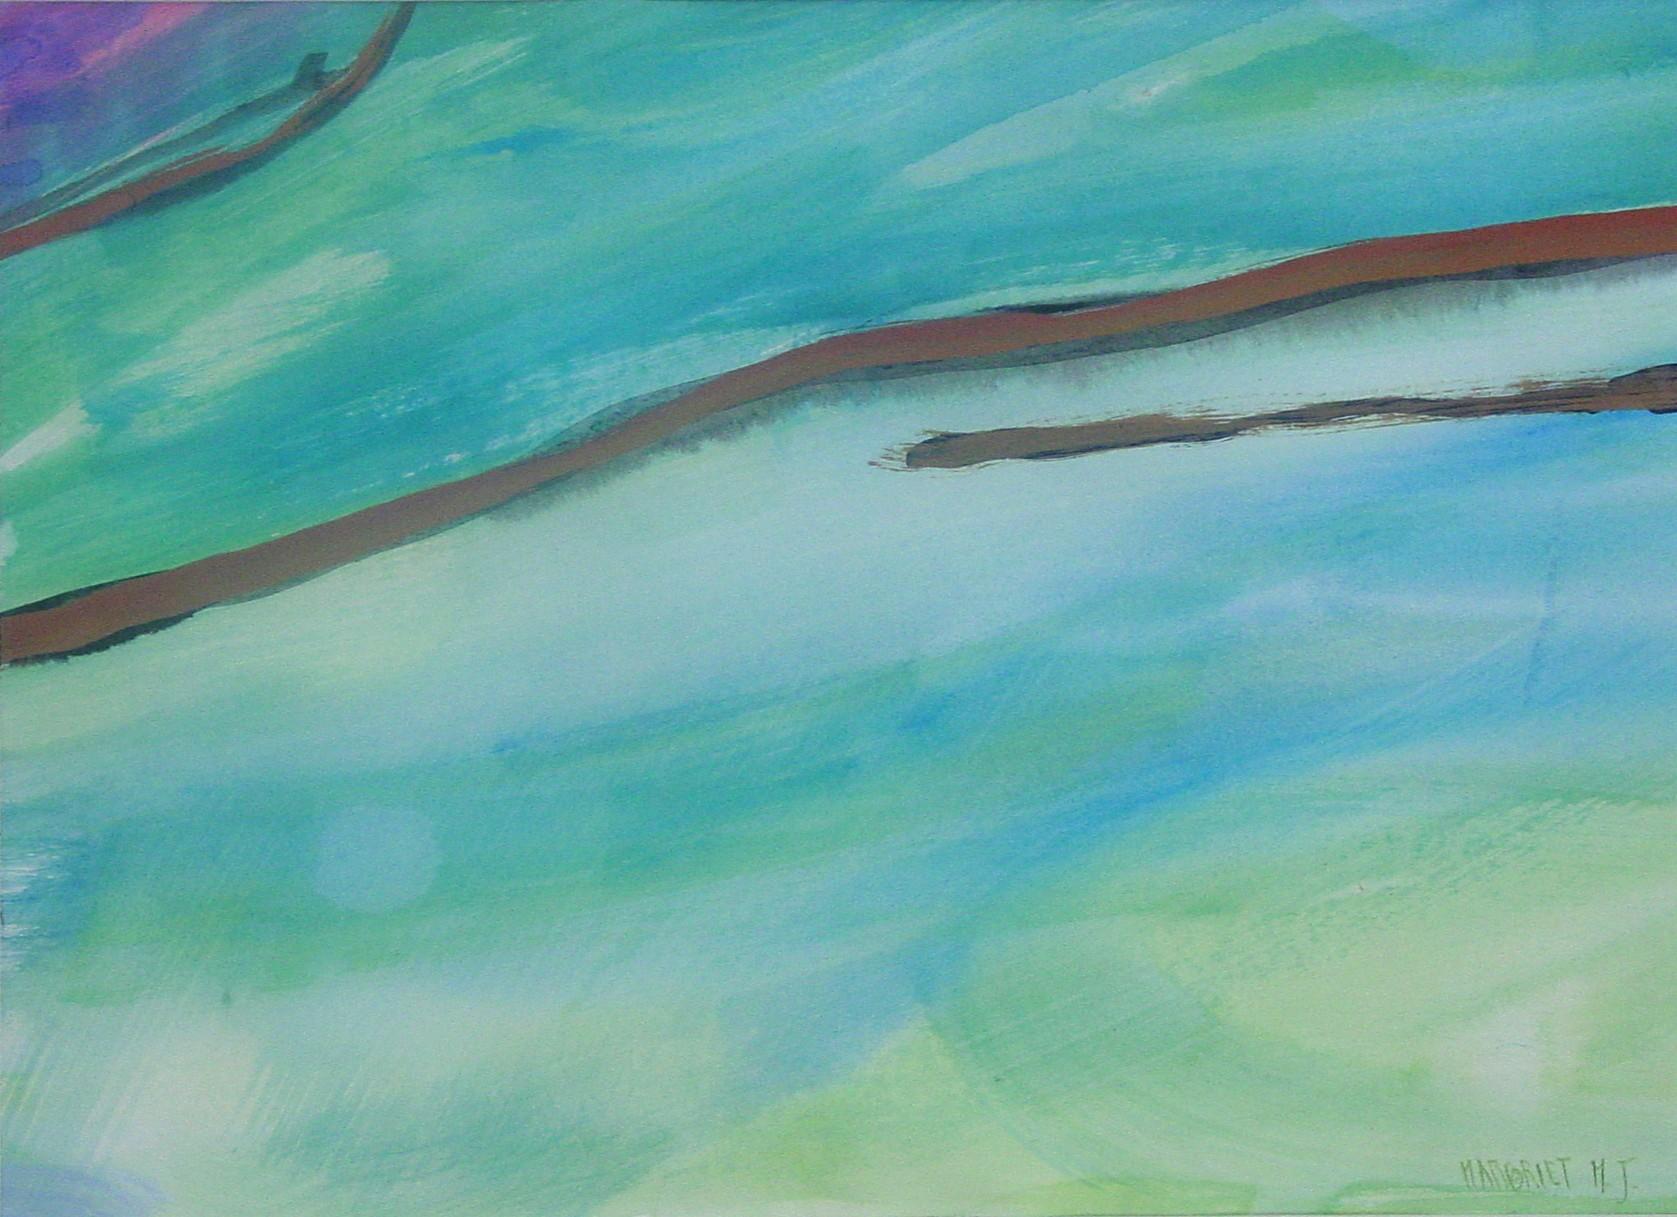 Zeezicht I, acryl op papier, 29 x 40 cm, 1992 (verkocht)